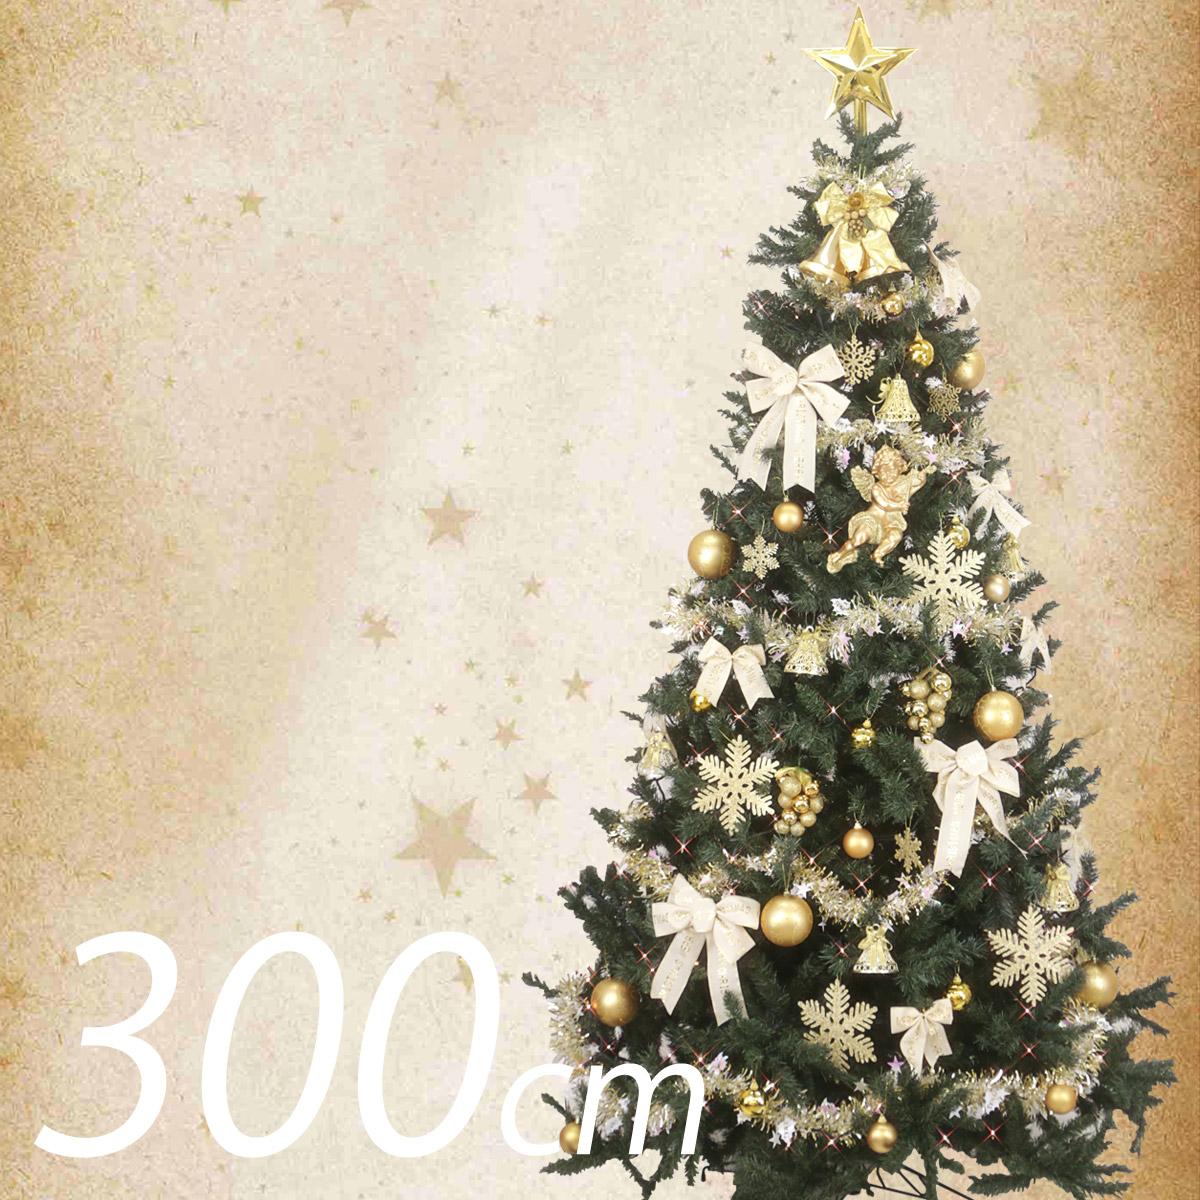 クリスマスツリー セット 3m ゴールド&アイボリー ツリーセット グランデ 300cm オーナメント付き 大型 業務用 北欧 おしゃれ 【10月下旬入荷予定】 【2個口】